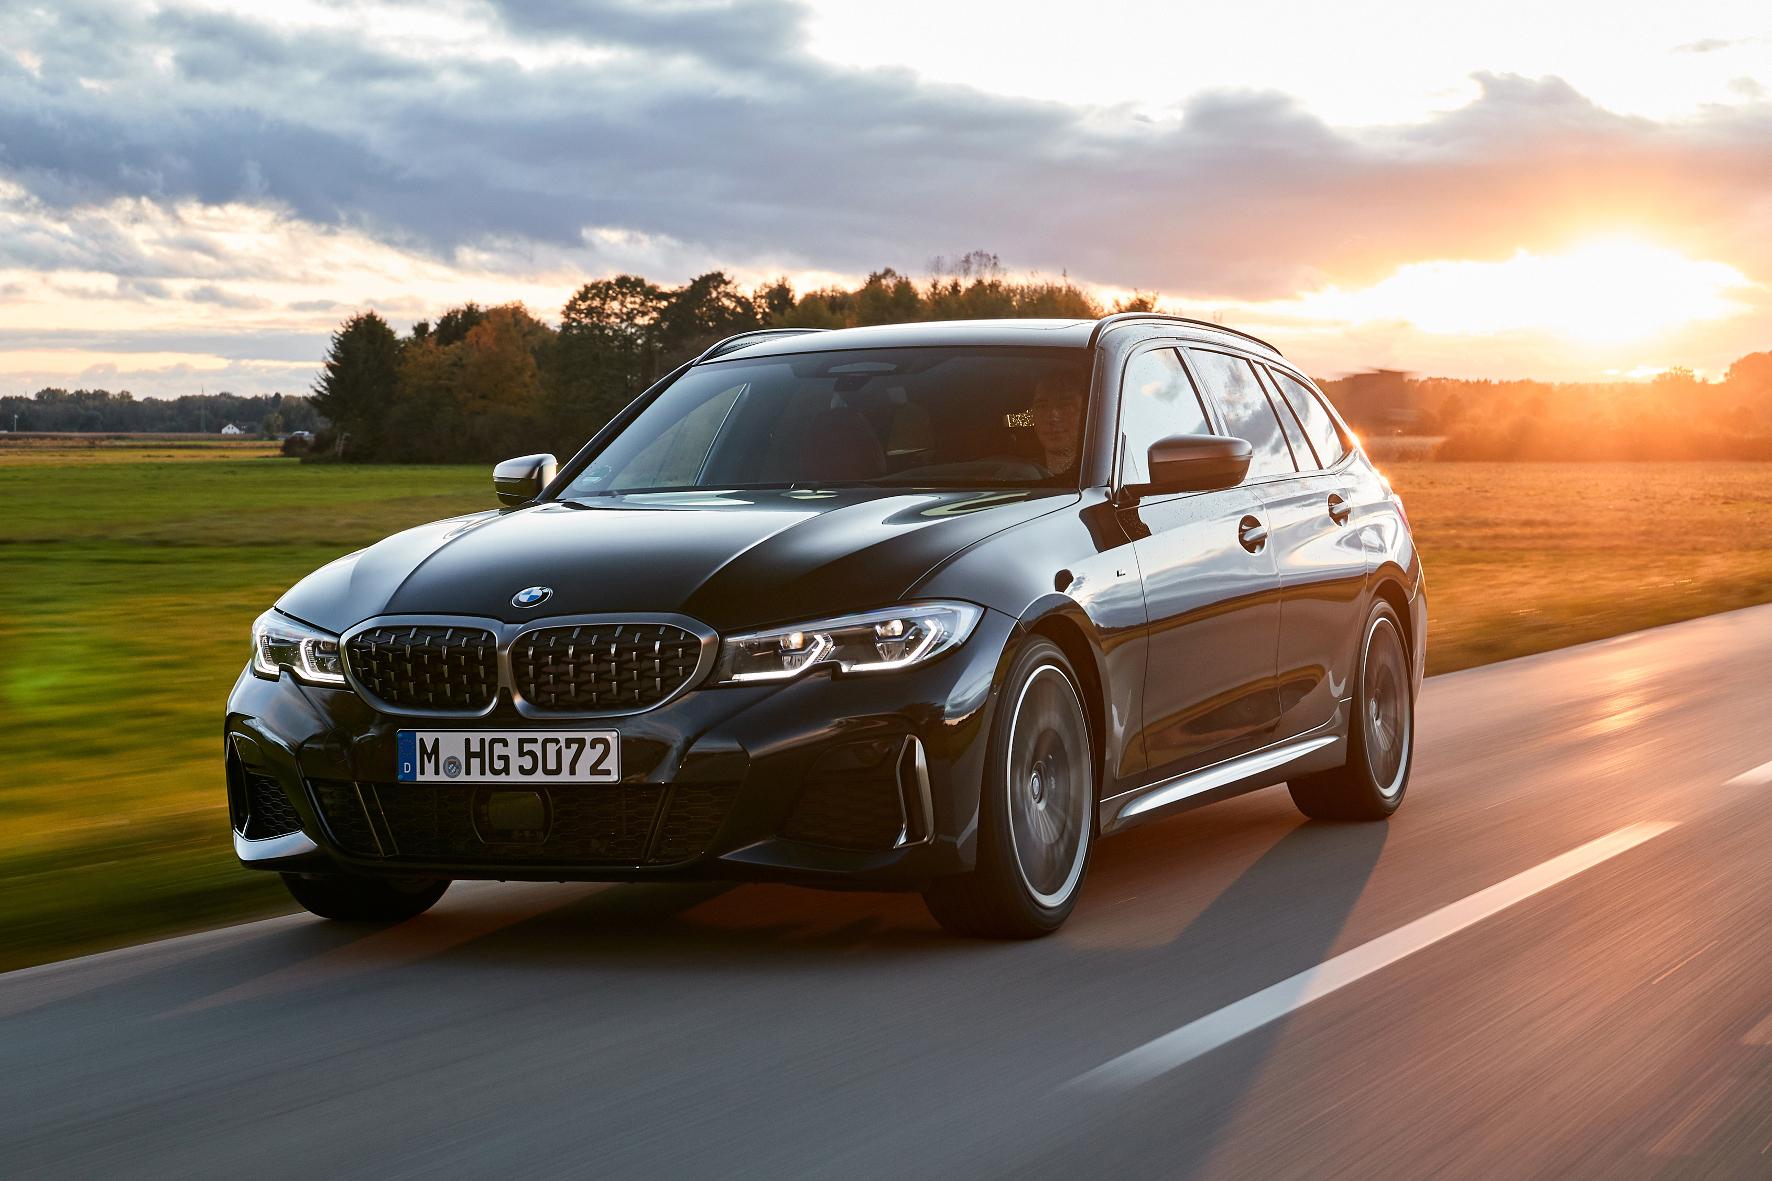 Den neuen BMW M340i xDrive gibt es als Limousine oder Touring (Foto).